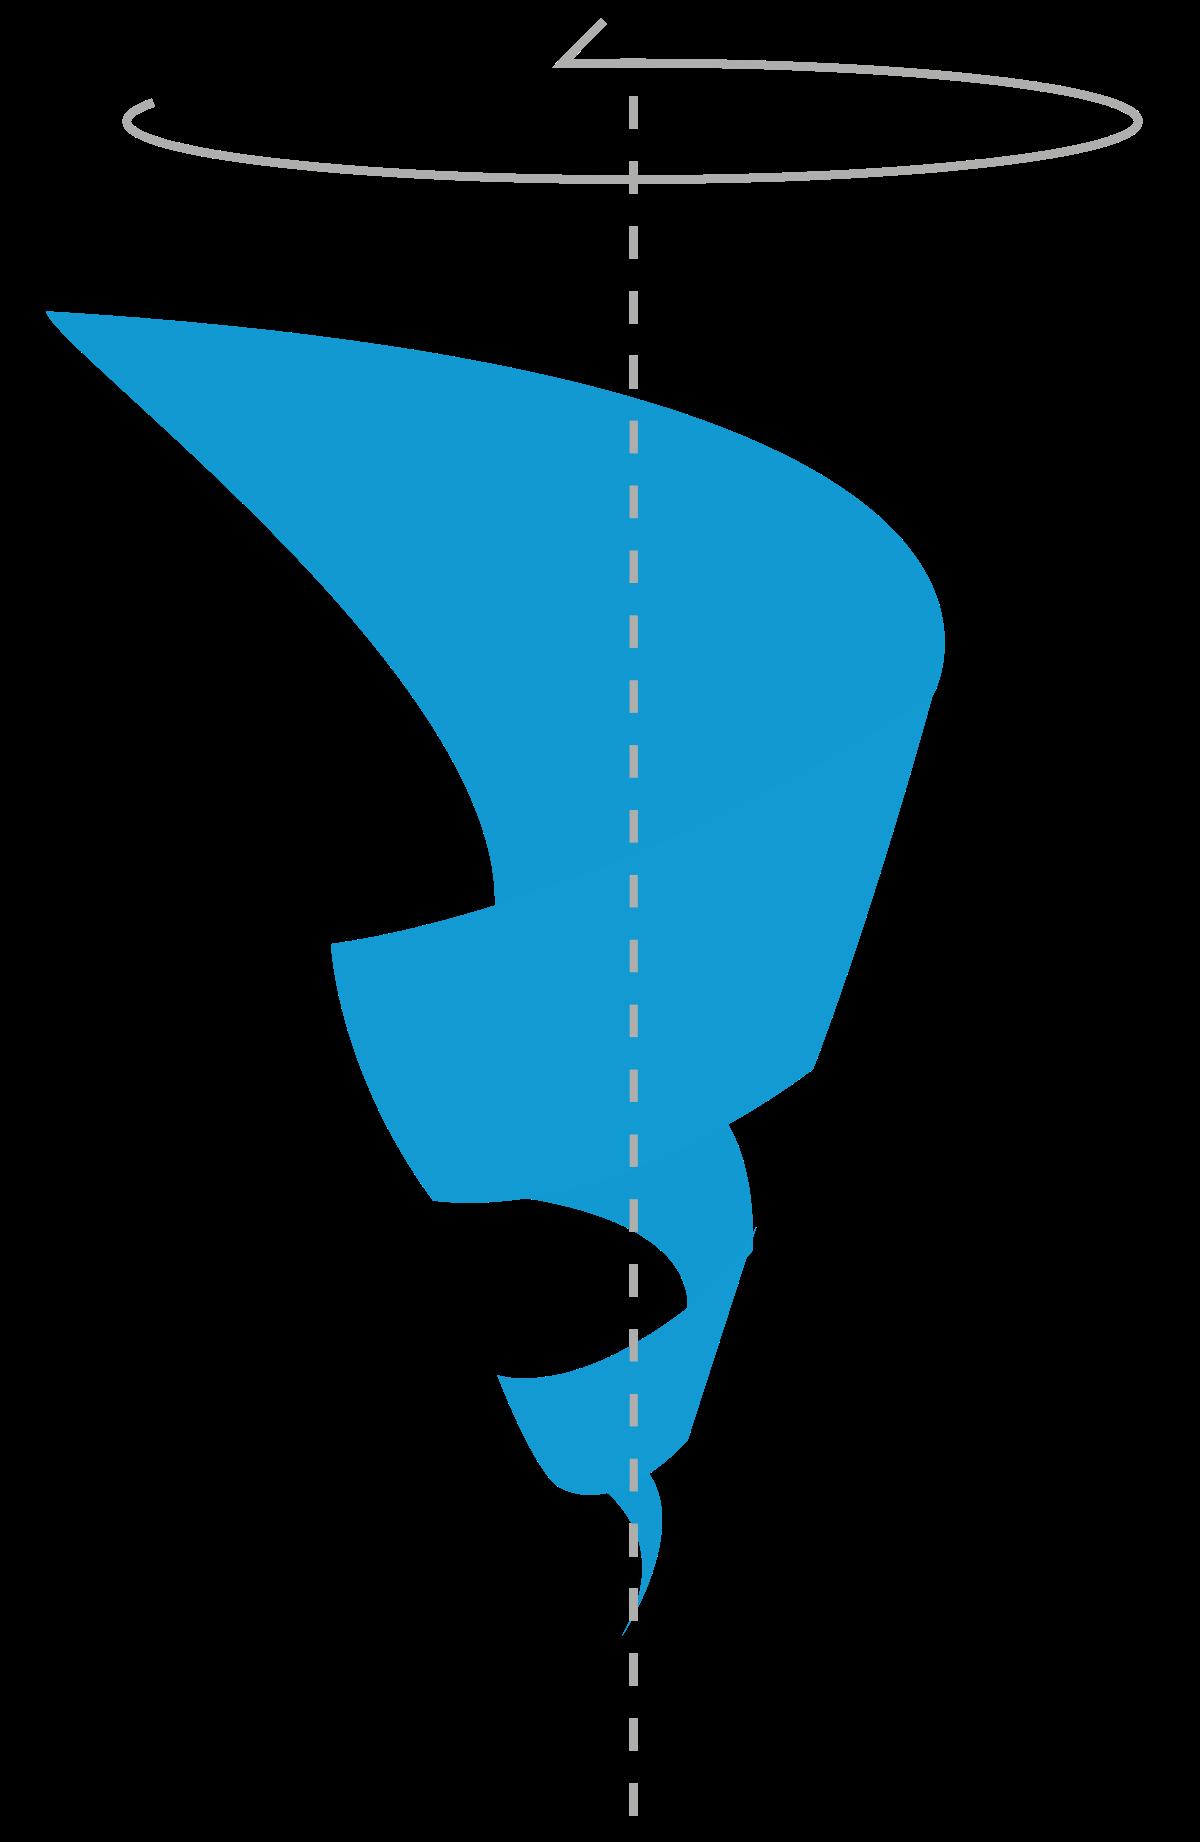 Симметрия в математике - symmetry in mathematics - qwe.wiki